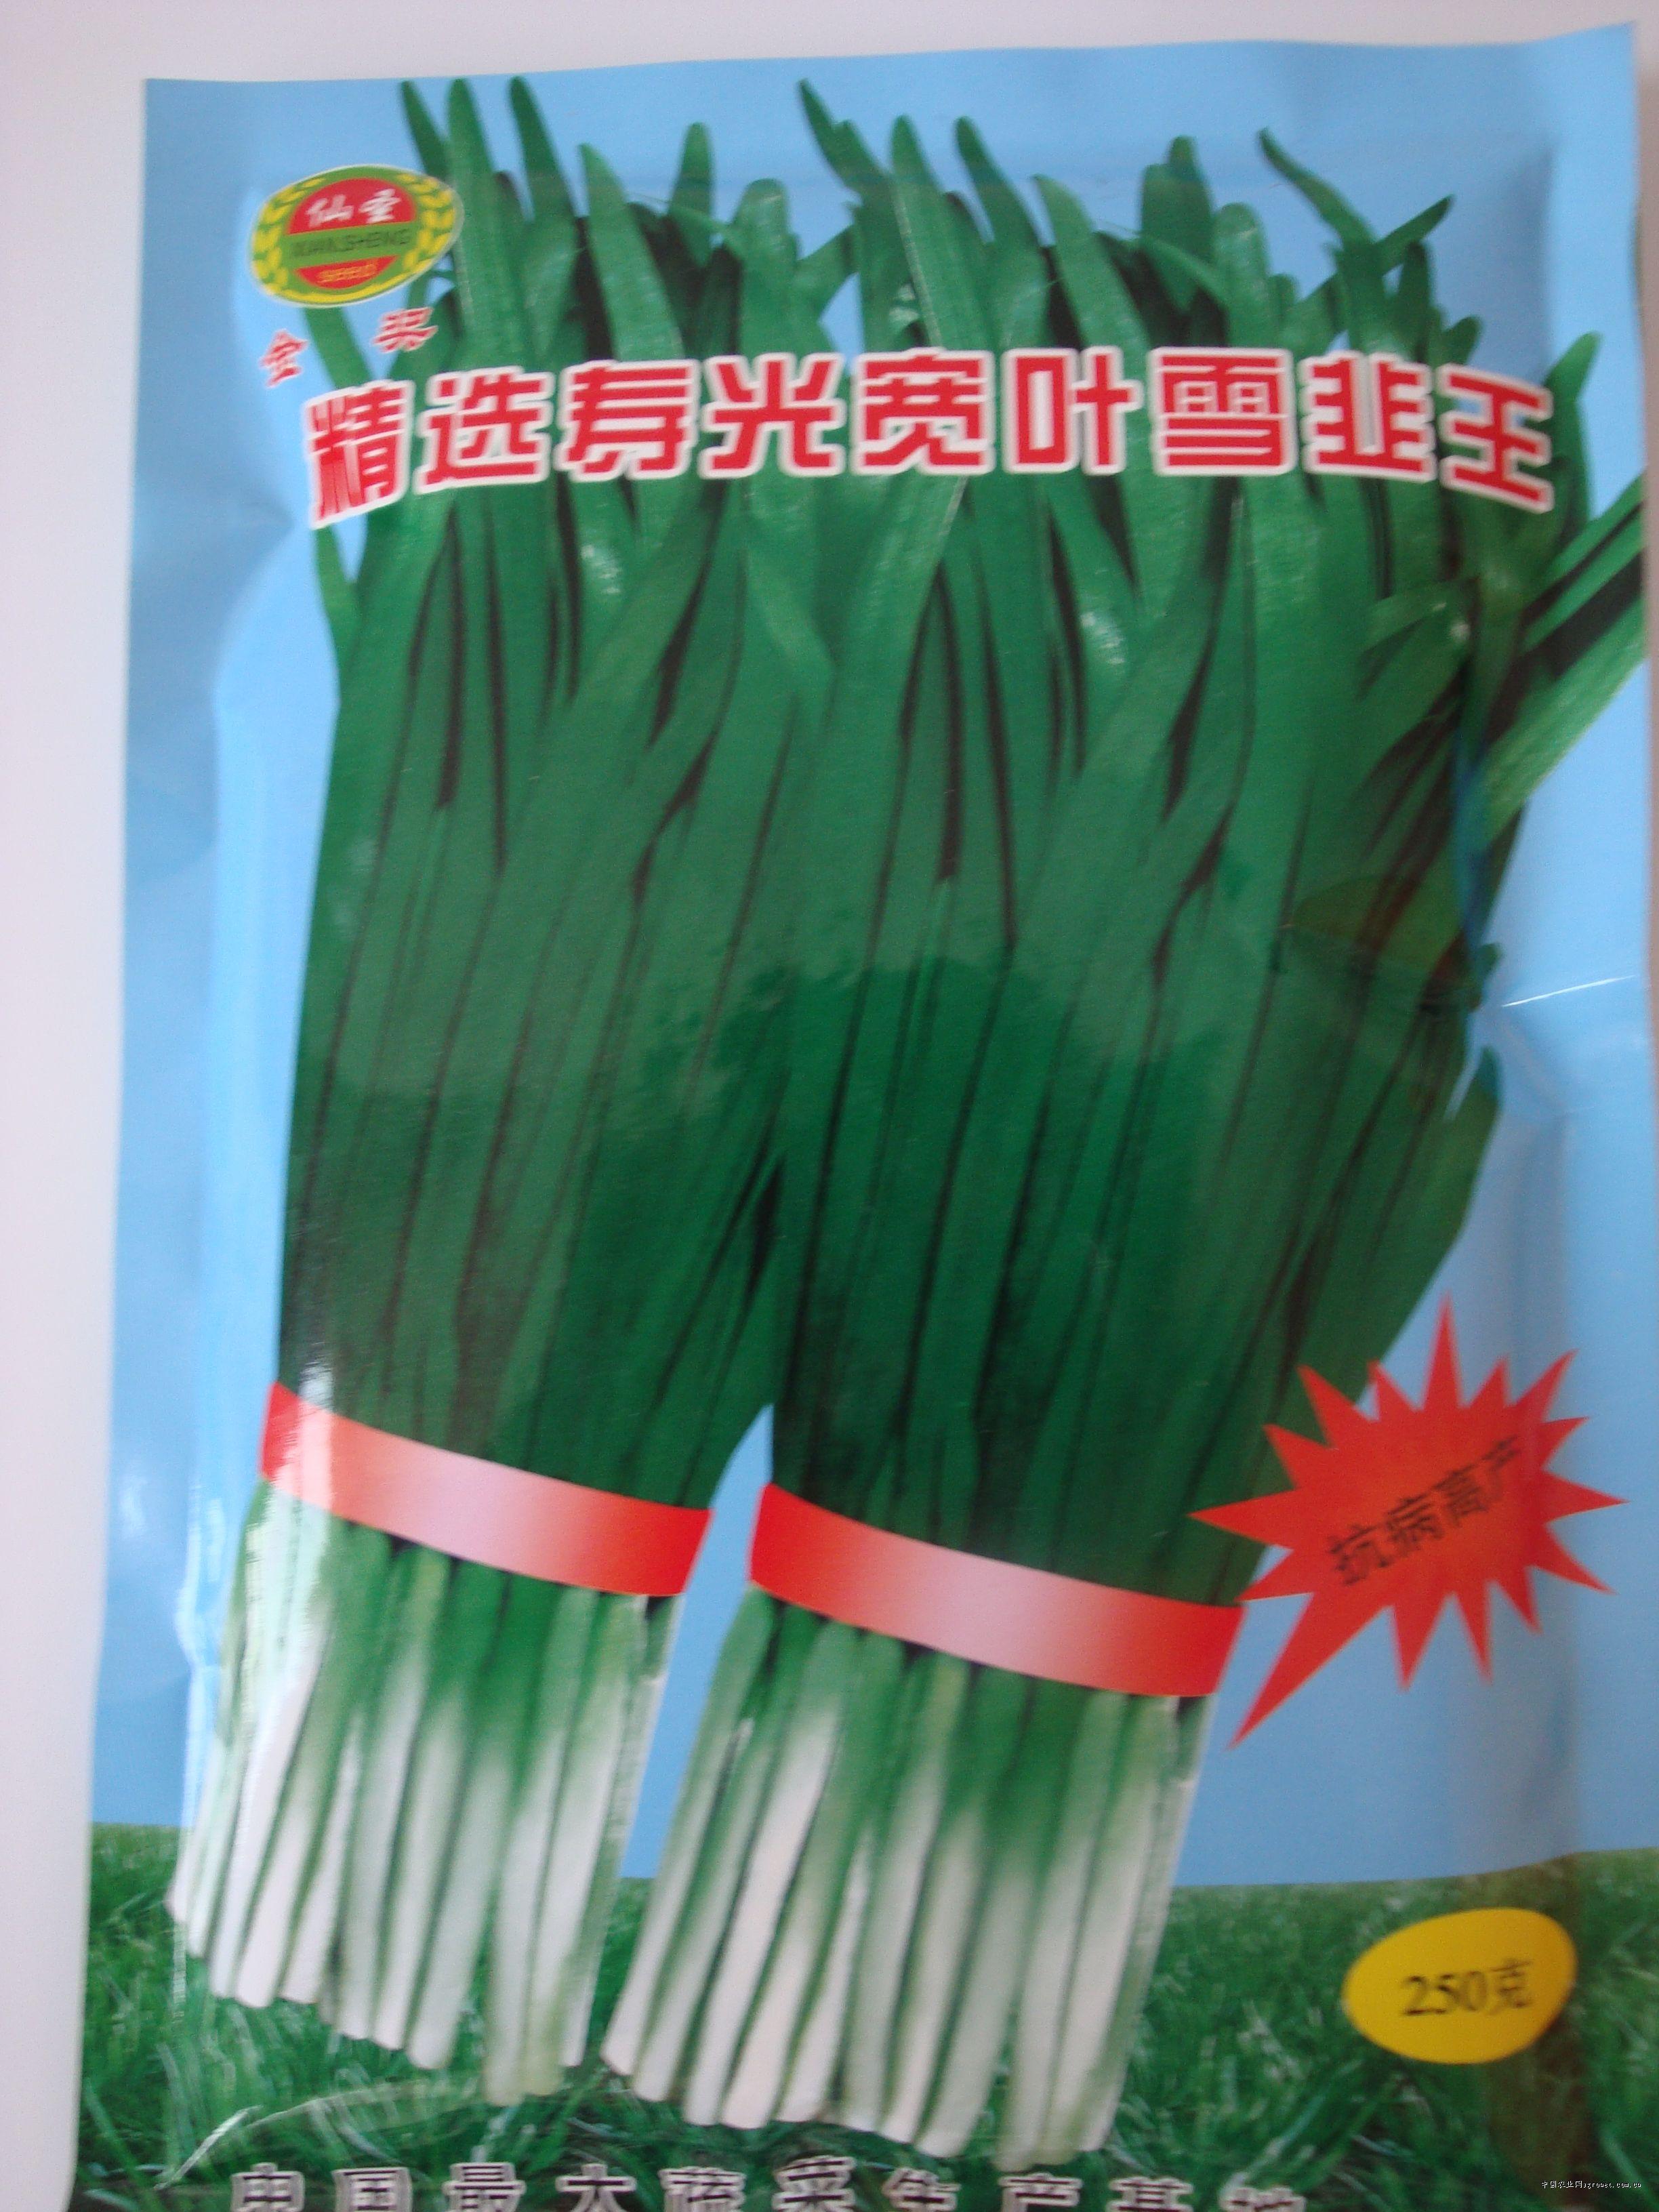 寿光精选雪韭—韭菜种子